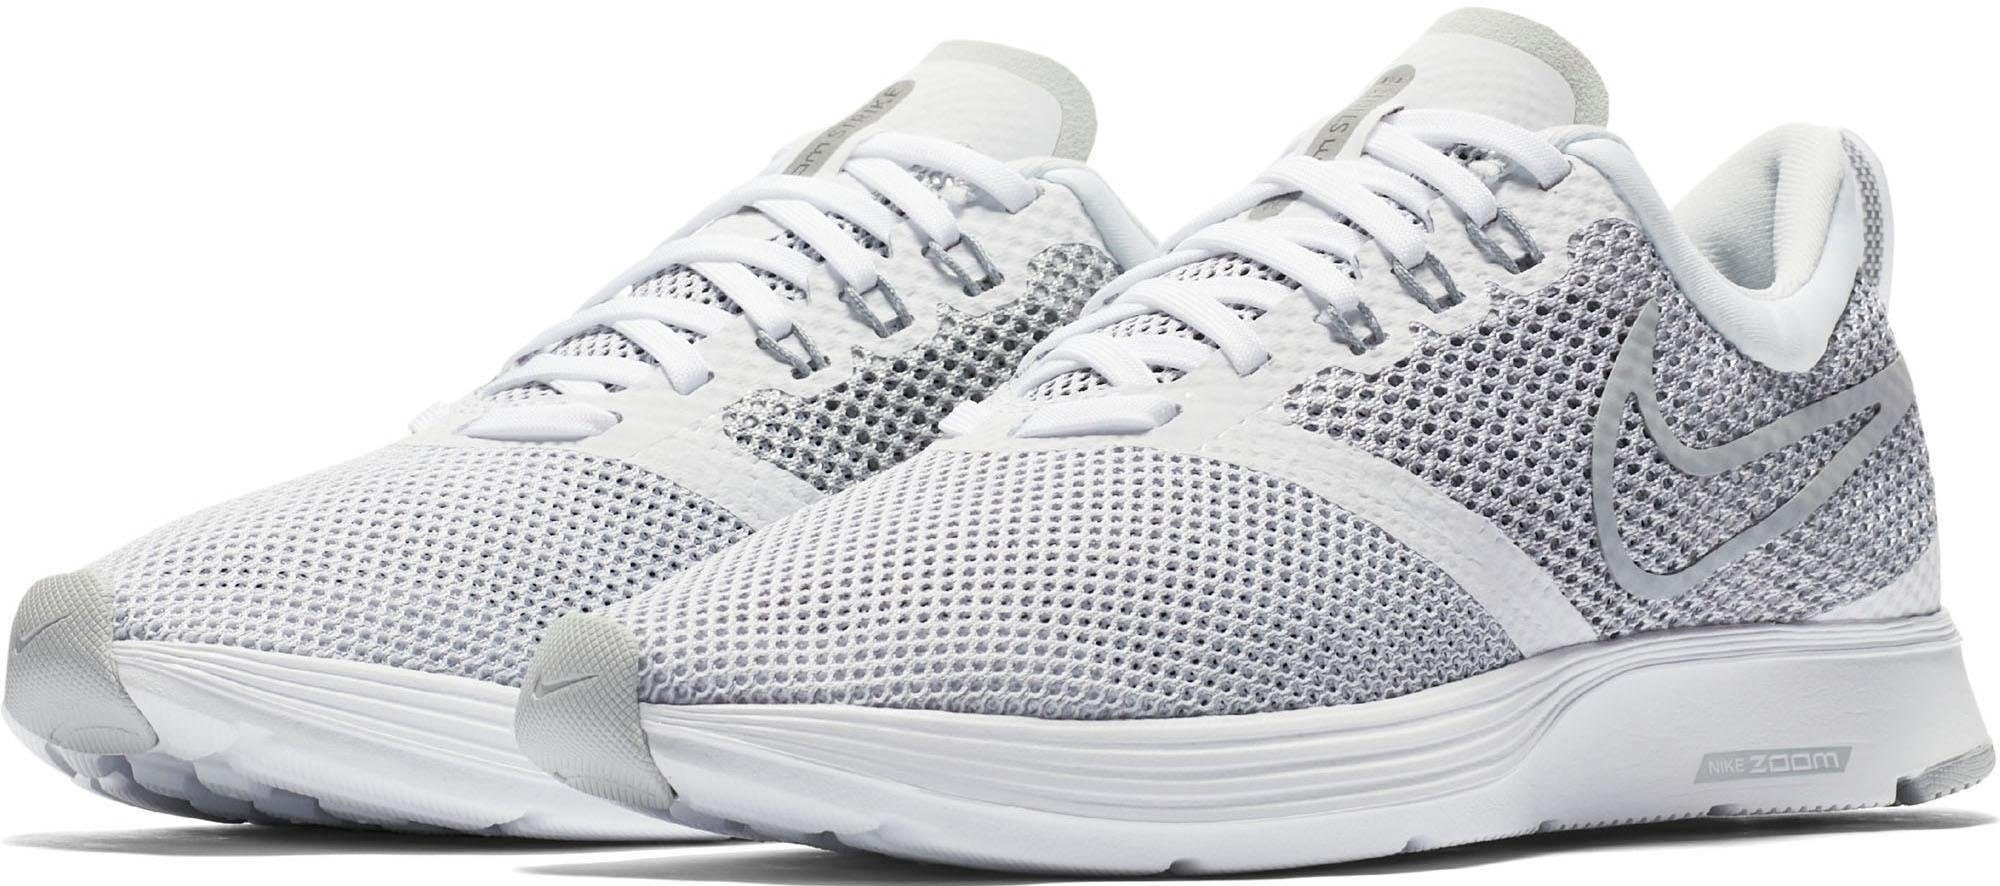 Nike Wmns Zoom Strike Laufschuh online kaufen  weiß-grau